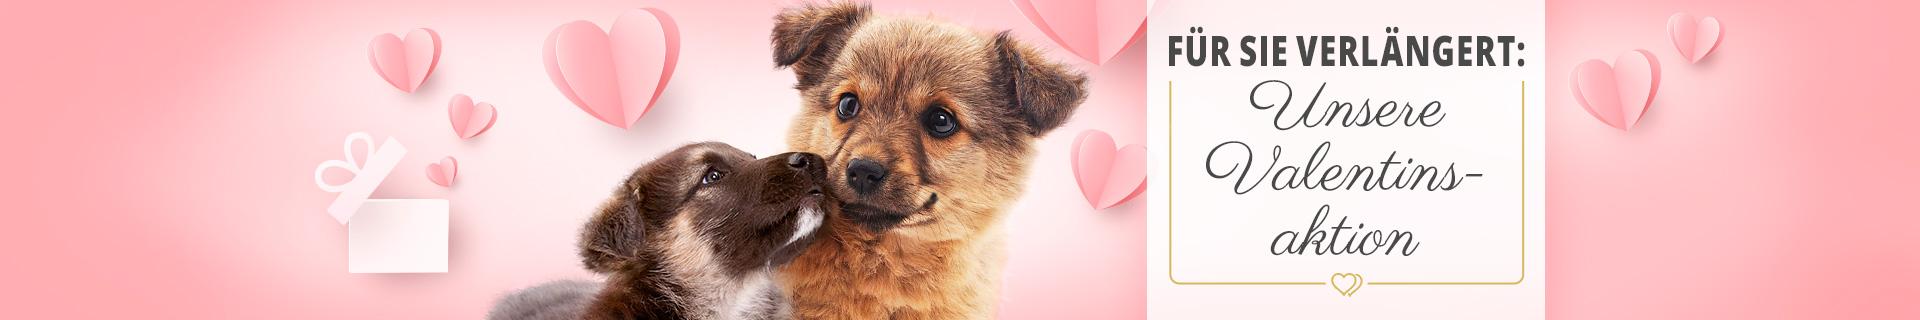 Valentinstagsaktion für Hunde - 14% Rabatt auf ausgewählte Artikel